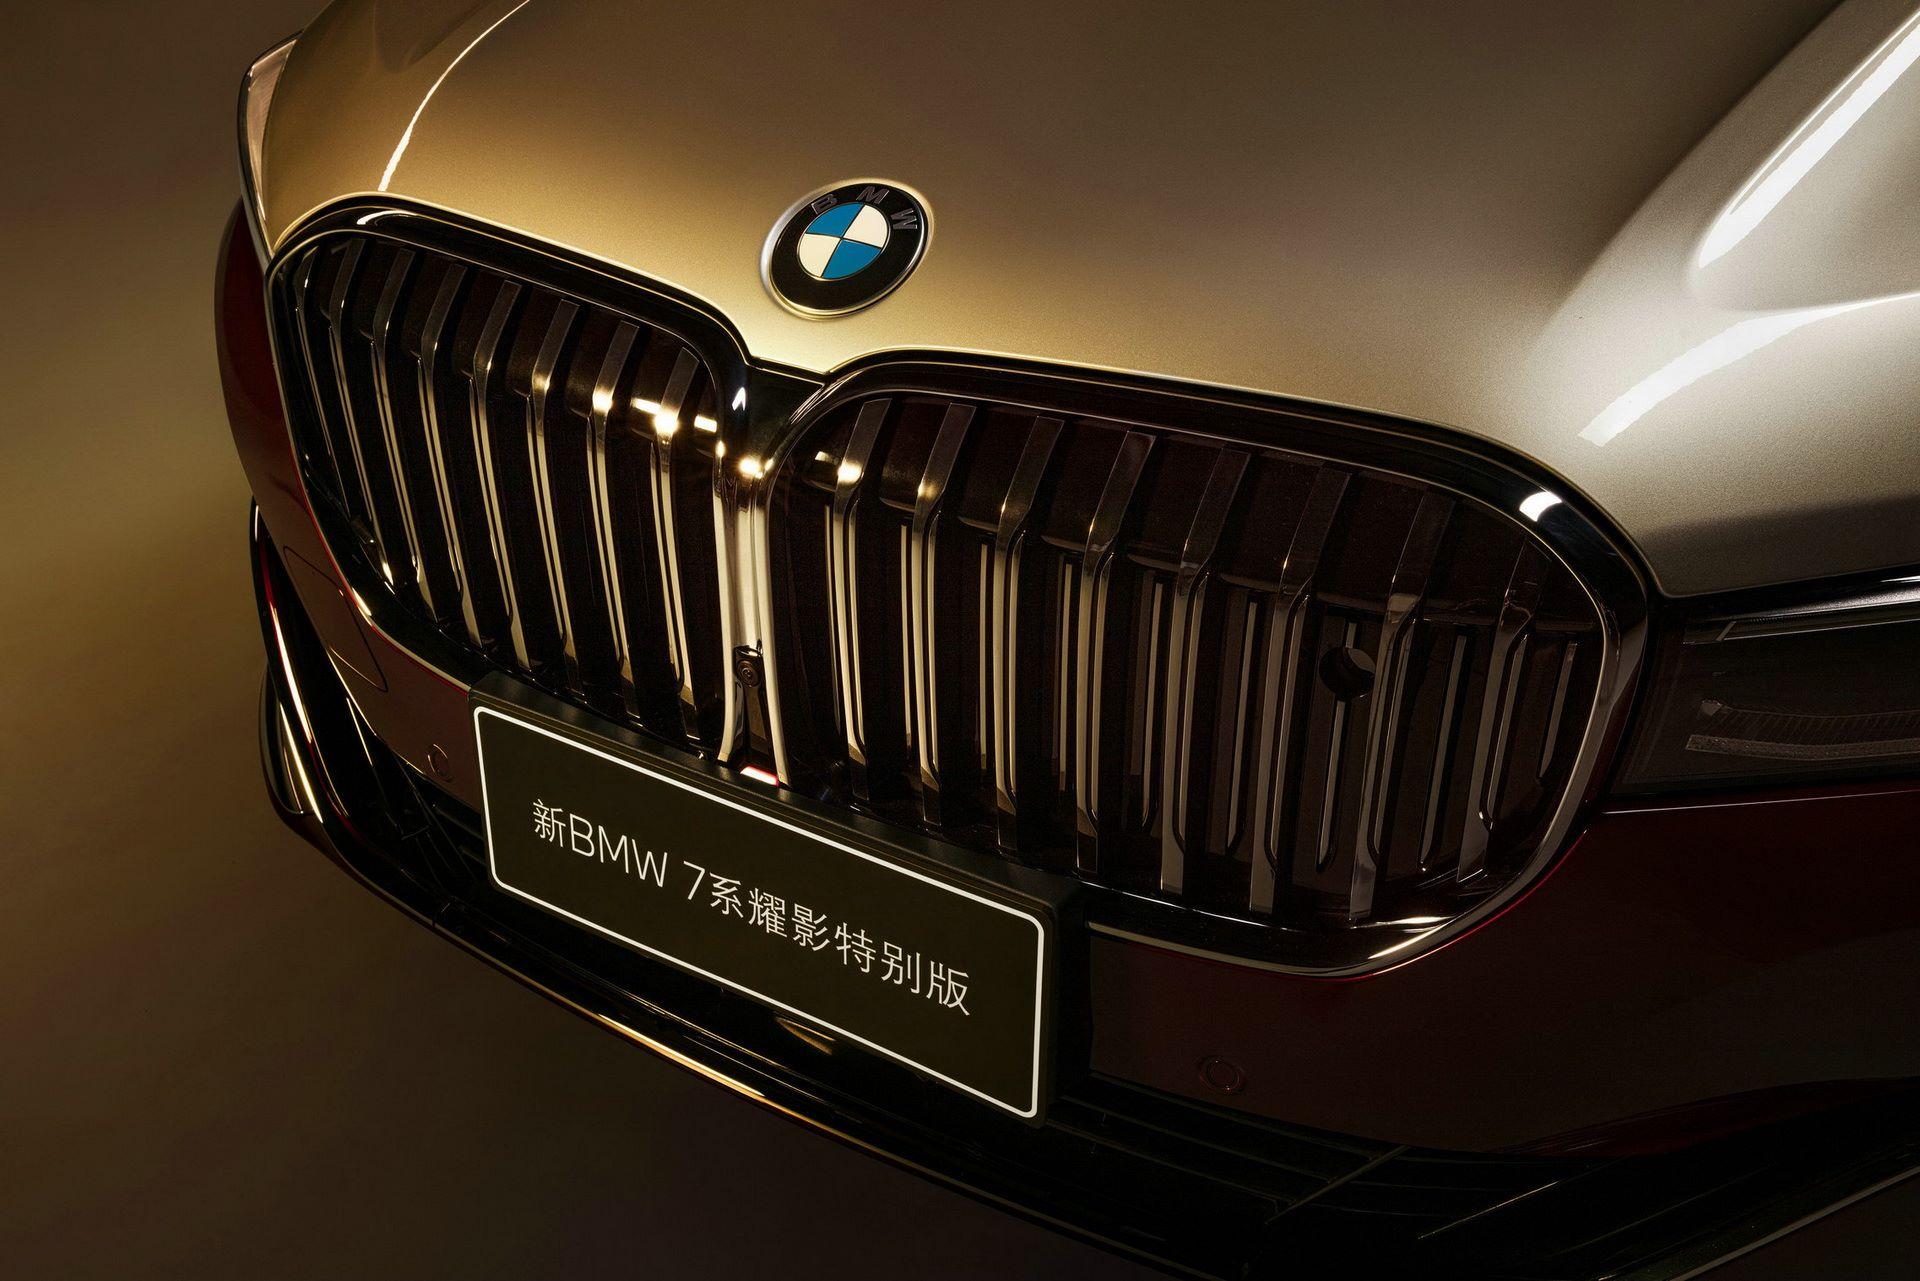 BMW-760Li-Shining-Shadow-Special-Edition-5